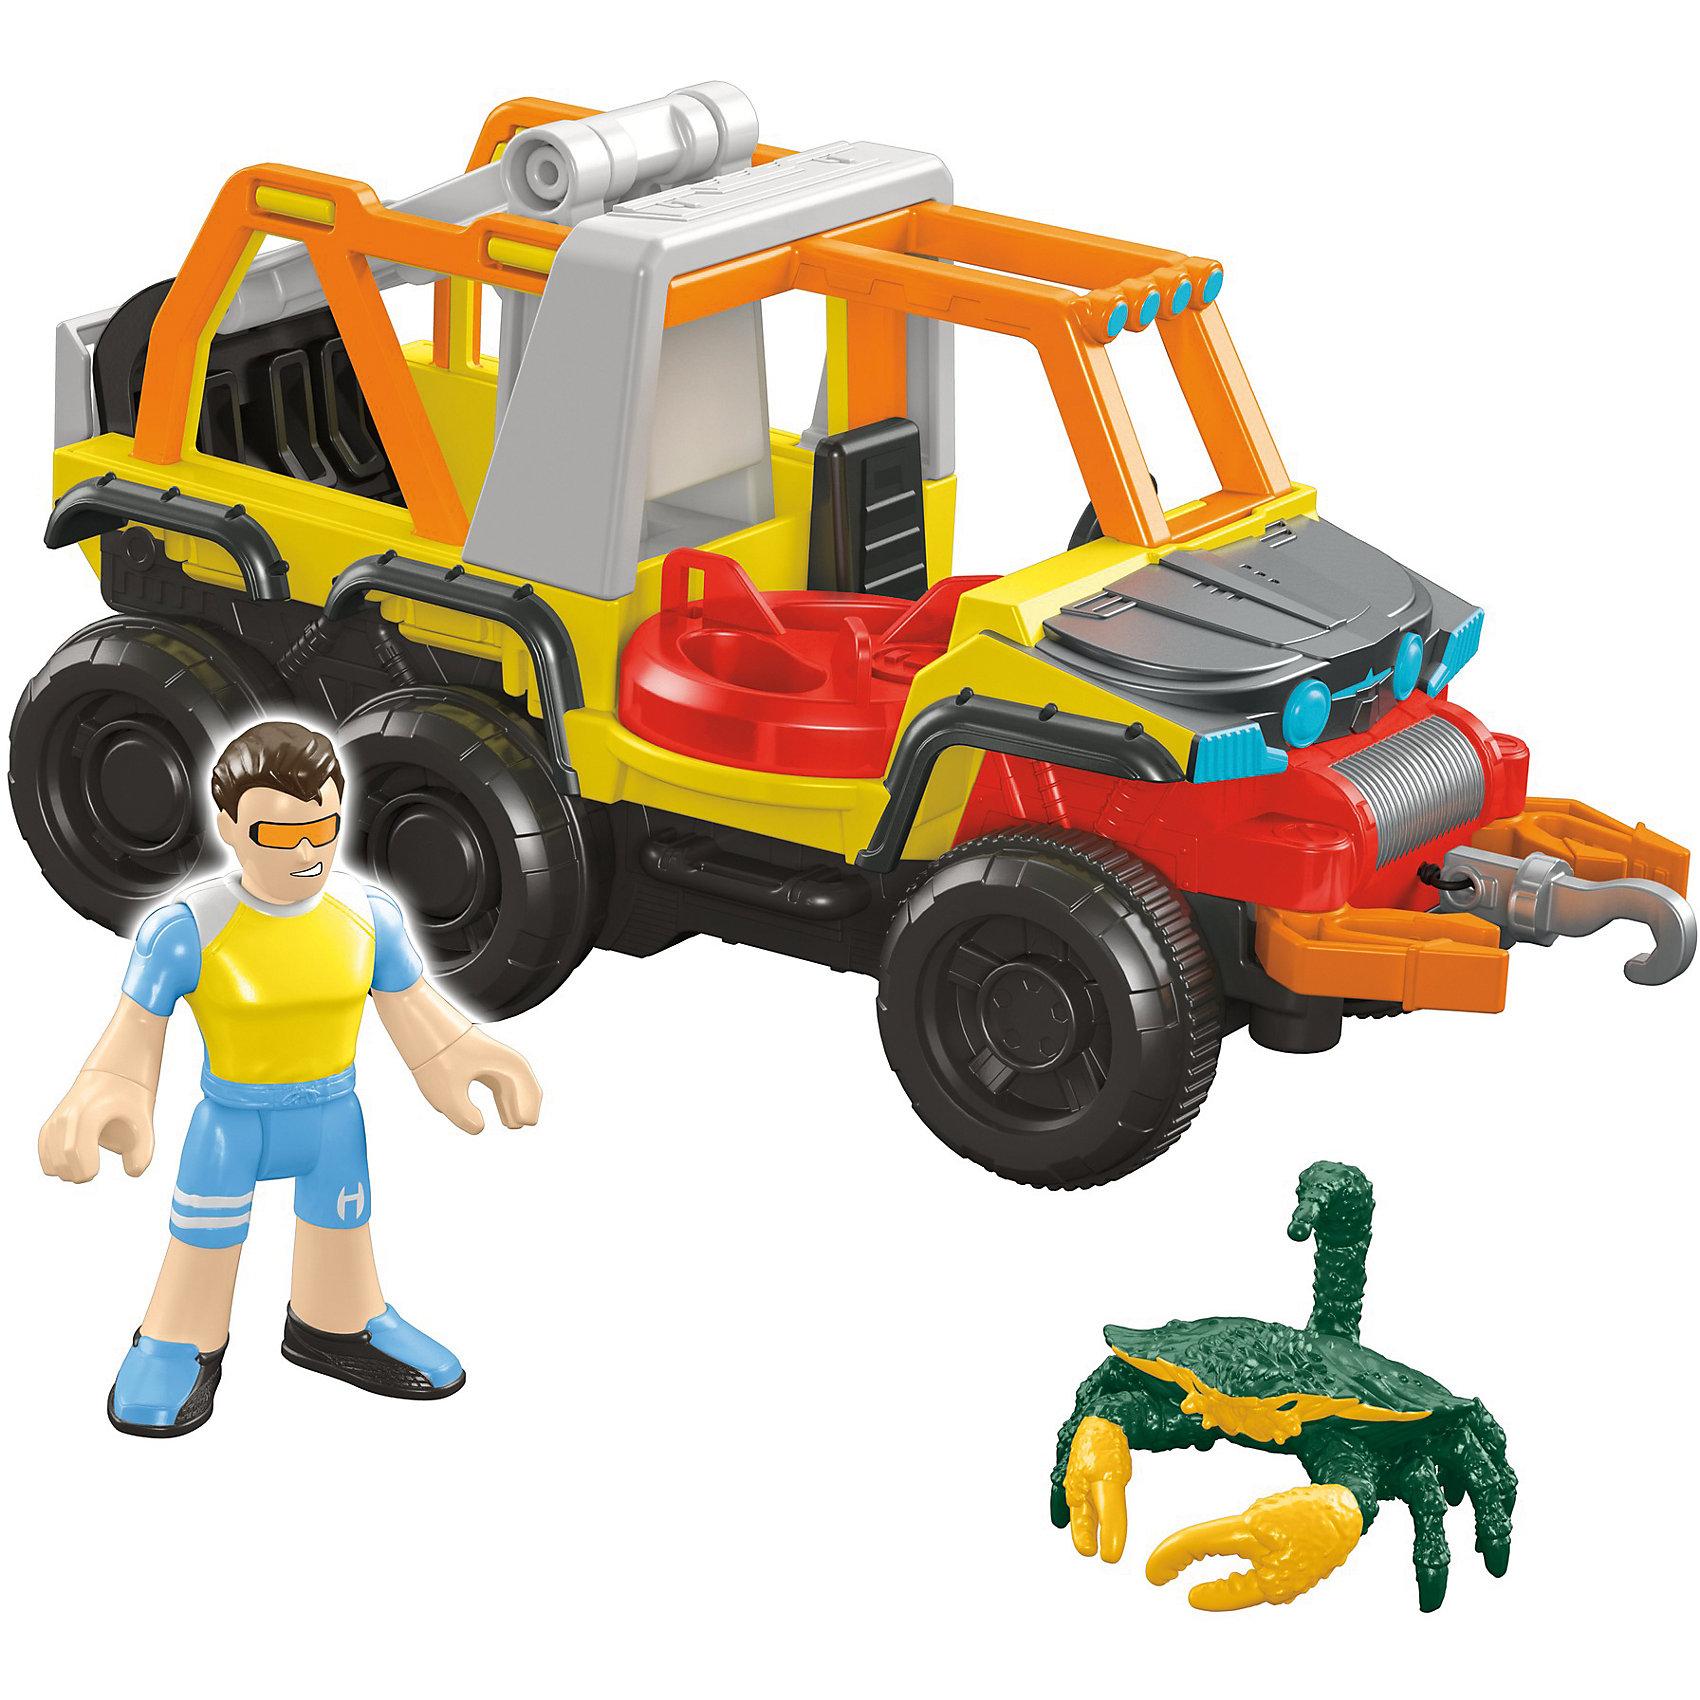 Набор Океан с аксессуарами, Imaginext, Fisher PriceЛюбимые герои<br>Характеристики:<br><br>• Вид игр: сюжетно-ролевые игры, игры на воде<br>• Пол: для мальчиков<br>• Серия: Imaginext<br>• Материал: пластик<br>• Цвет: в ассортименте<br>• Комплектация: грузовой пляжный вездеход, водитель, 4 снаряда, акула<br>• Размеры (Д*Ш*В): 14*5*17 см<br>• Вес: от 400 г <br>• Упаковка: картонная коробка<br><br>Набор Океан с аксессуарами, Imaginext, Fisher Price, в ассортименте – это игровой набор, состоящий из вездехода, фигурок водителя, акулы и аксессуаров от знаменитого производителя Mattel. Игрушки выполнены из качественного и безопасного пластика, устойчивого к механическим повреждениям. Все элементы окрашены нетоксичными красками. Вездеход оснащен выдвигающимся мостиком и клешнями. У водителя имеется защитный съемный жилет.<br><br>Сюжетно-ролевые игры с наборами серии Imaginext от Fisher Price позволят окунуться вашему ребенку в увлекательный подводный мир, создавать и воспроизводить свои истории, полные захватывающих приключений и удивительных спасений.<br><br>Набор Океан с аксессуарами, Imaginext, Fisher Price, в ассортименте можно купить в нашем интернет-магазине.<br><br>Ширина мм: 190<br>Глубина мм: 215<br>Высота мм: 100<br>Вес г: 444<br>Возраст от месяцев: 36<br>Возраст до месяцев: 96<br>Пол: Мужской<br>Возраст: Детский<br>SKU: 5200236